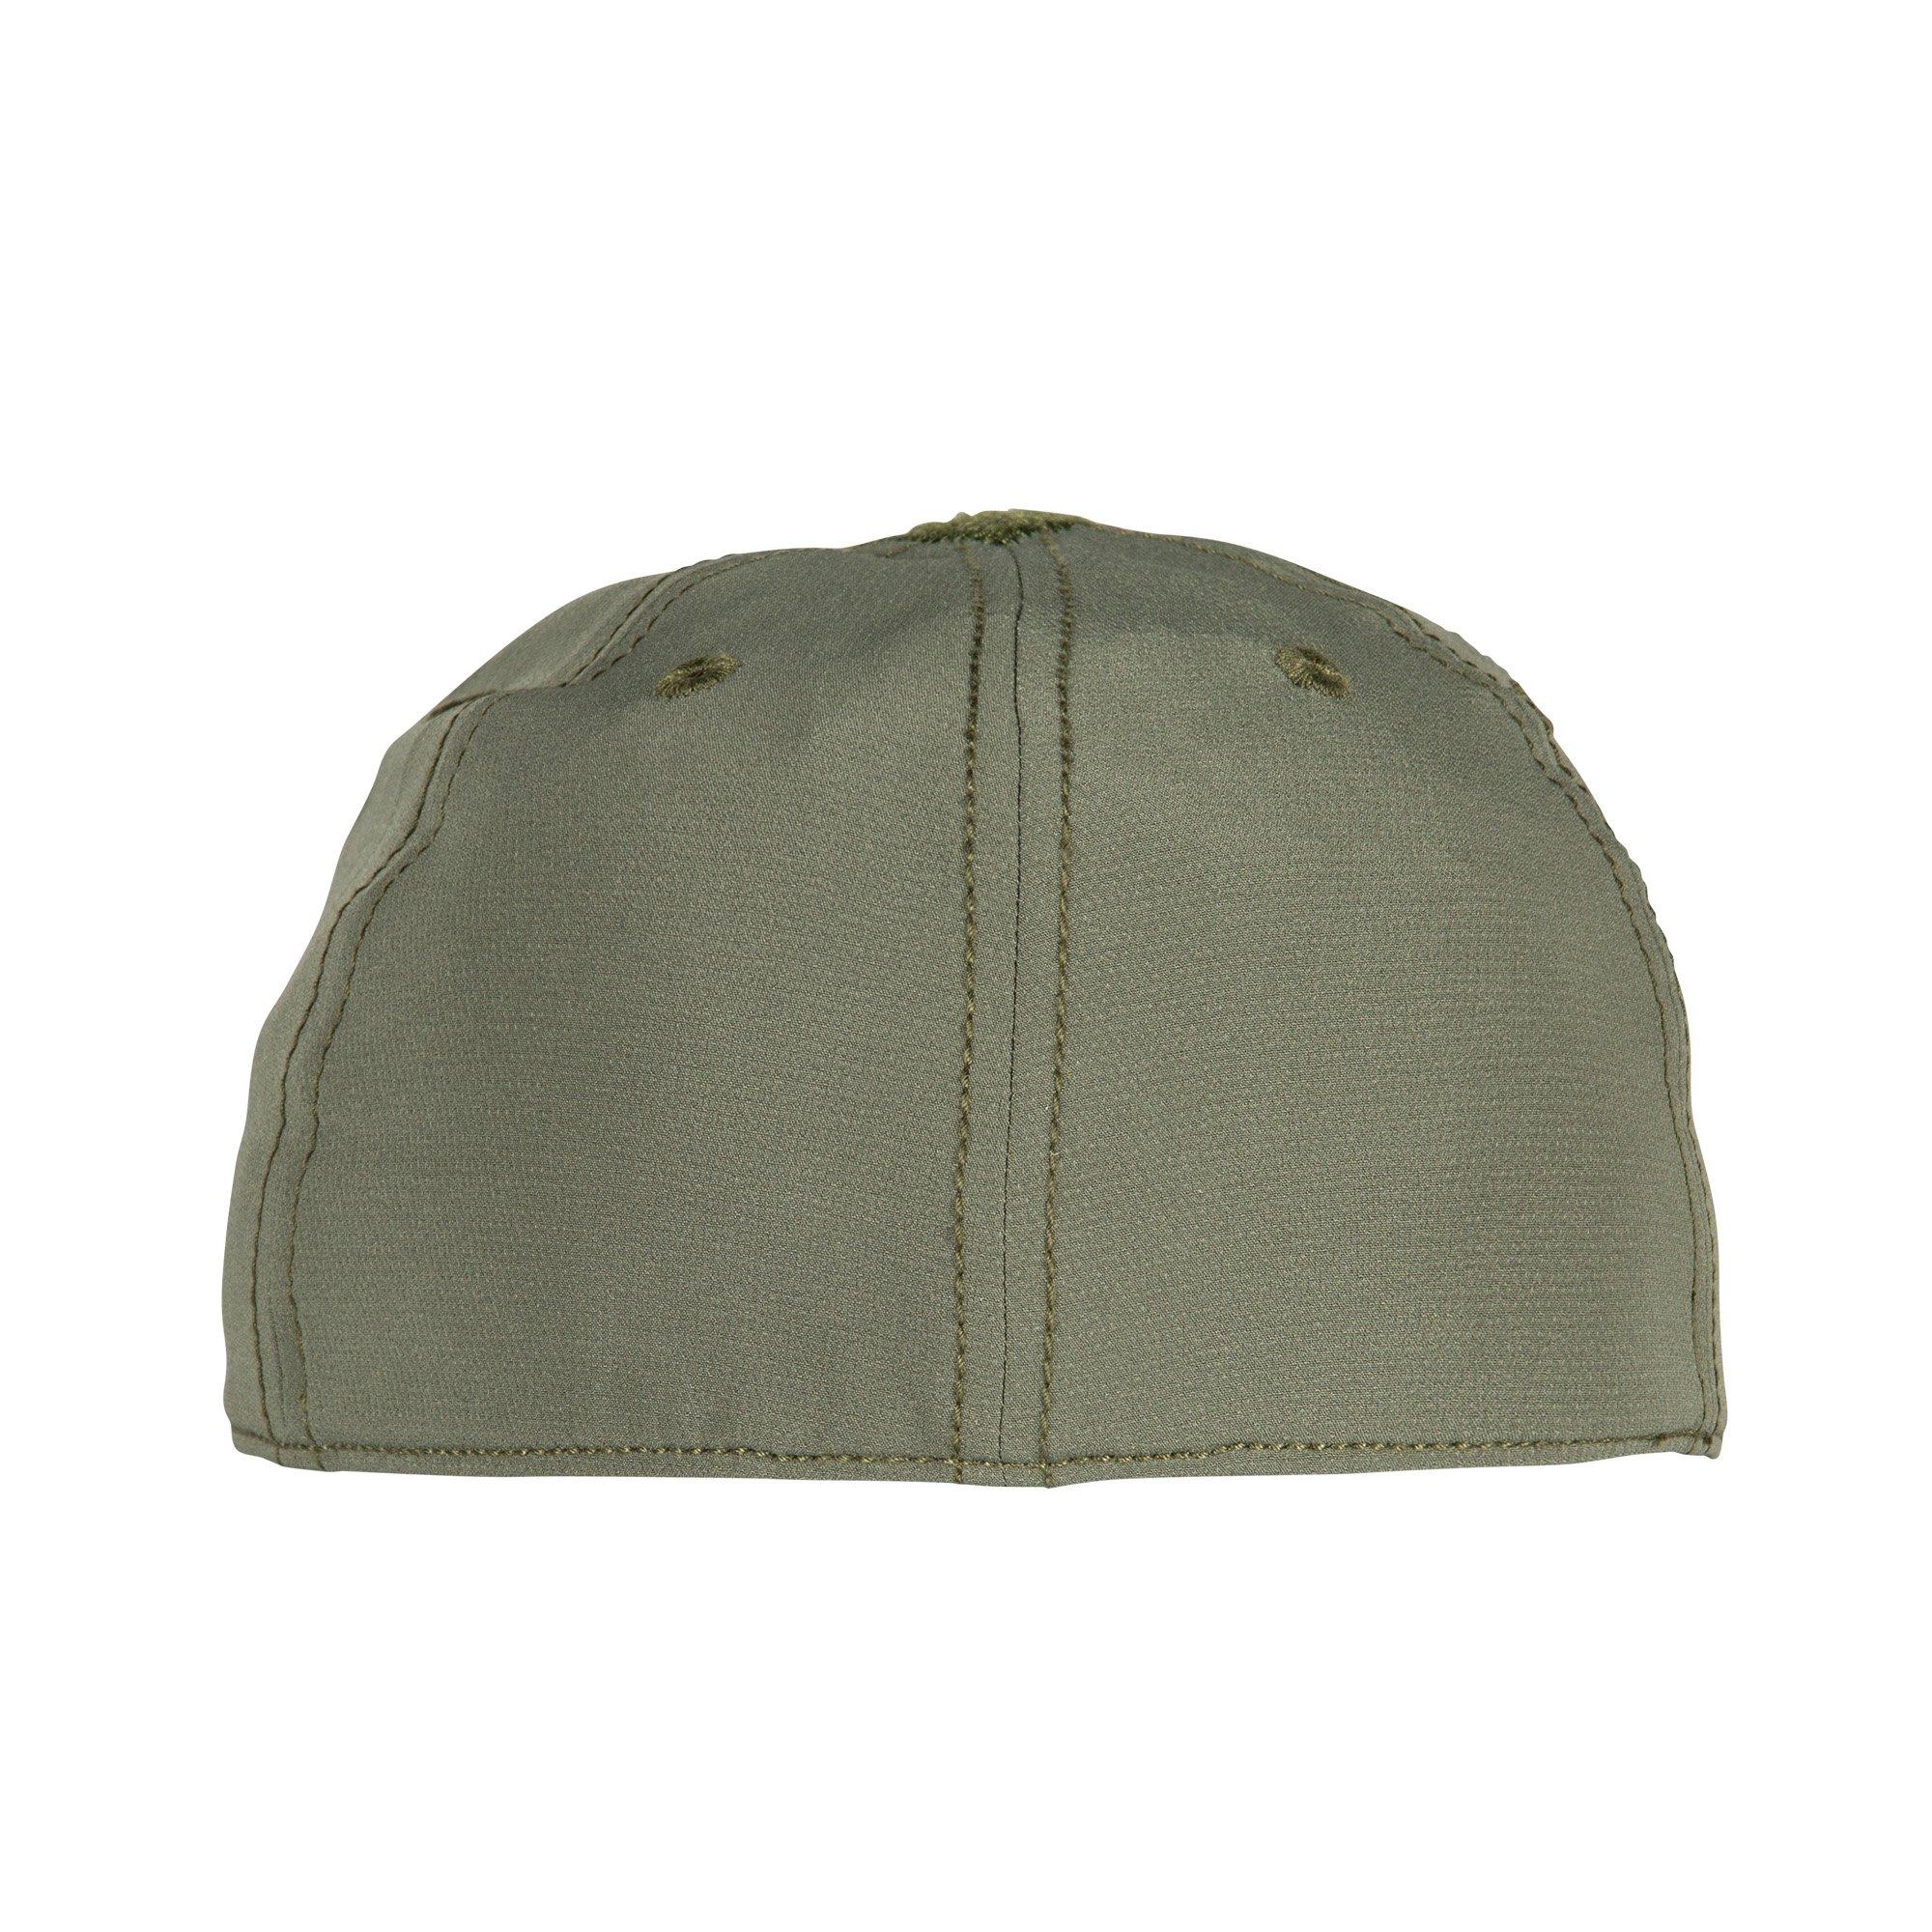 Nón 5.11 Tactical HAWKEYE A FLEX CAP – Fatigue